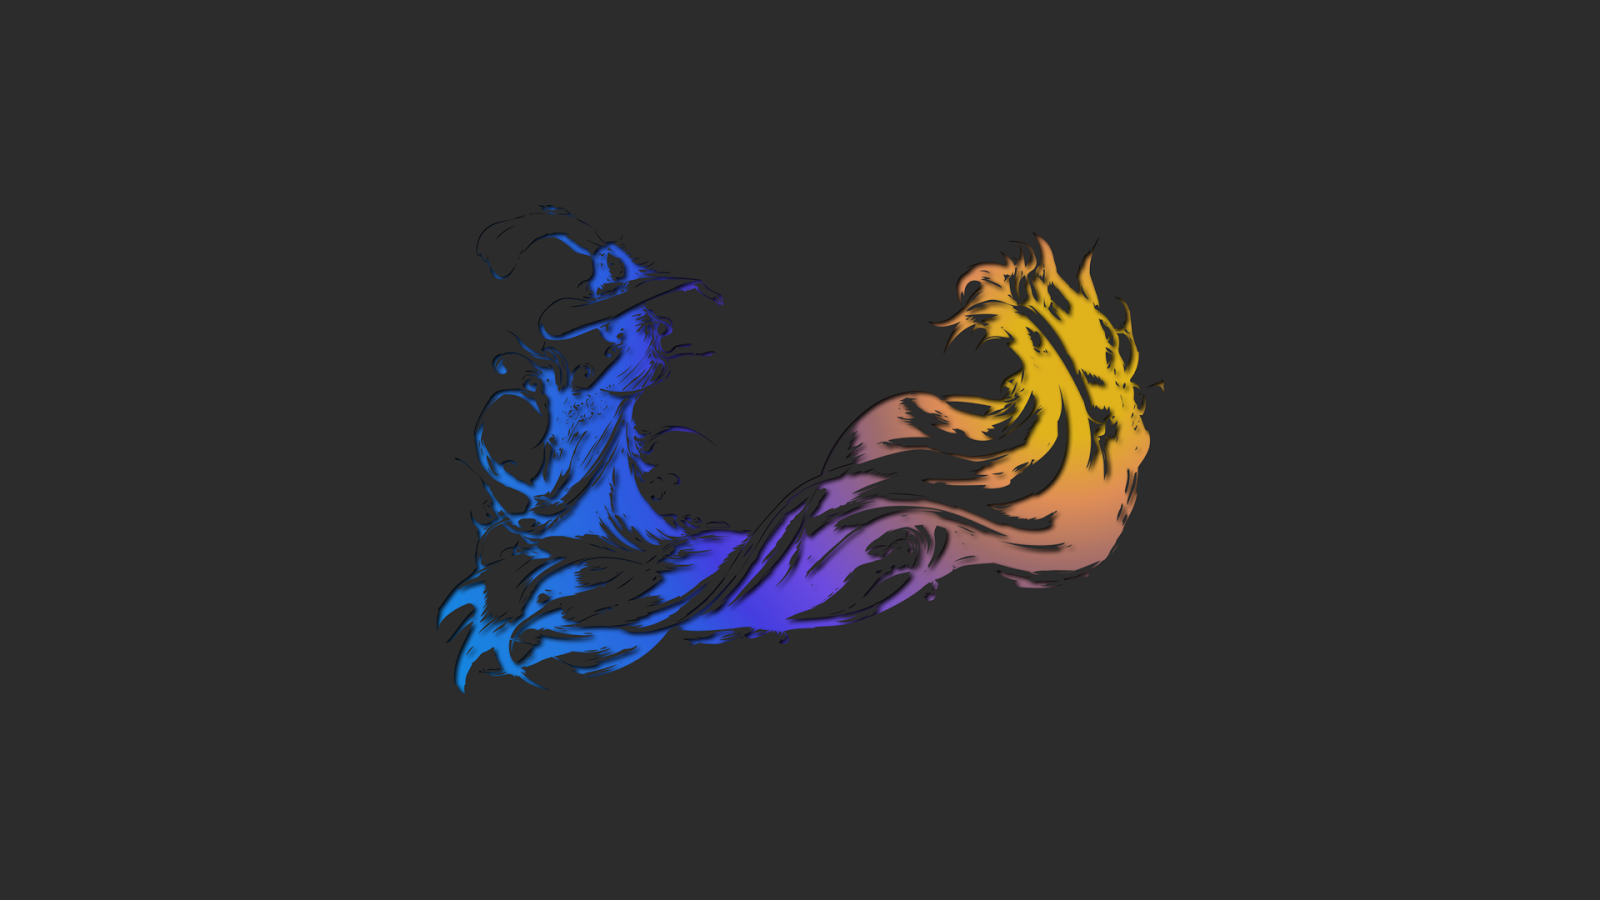 50+ HD 4K Final Fantasy Wallpapers 1920x1080 (2020)   www ...